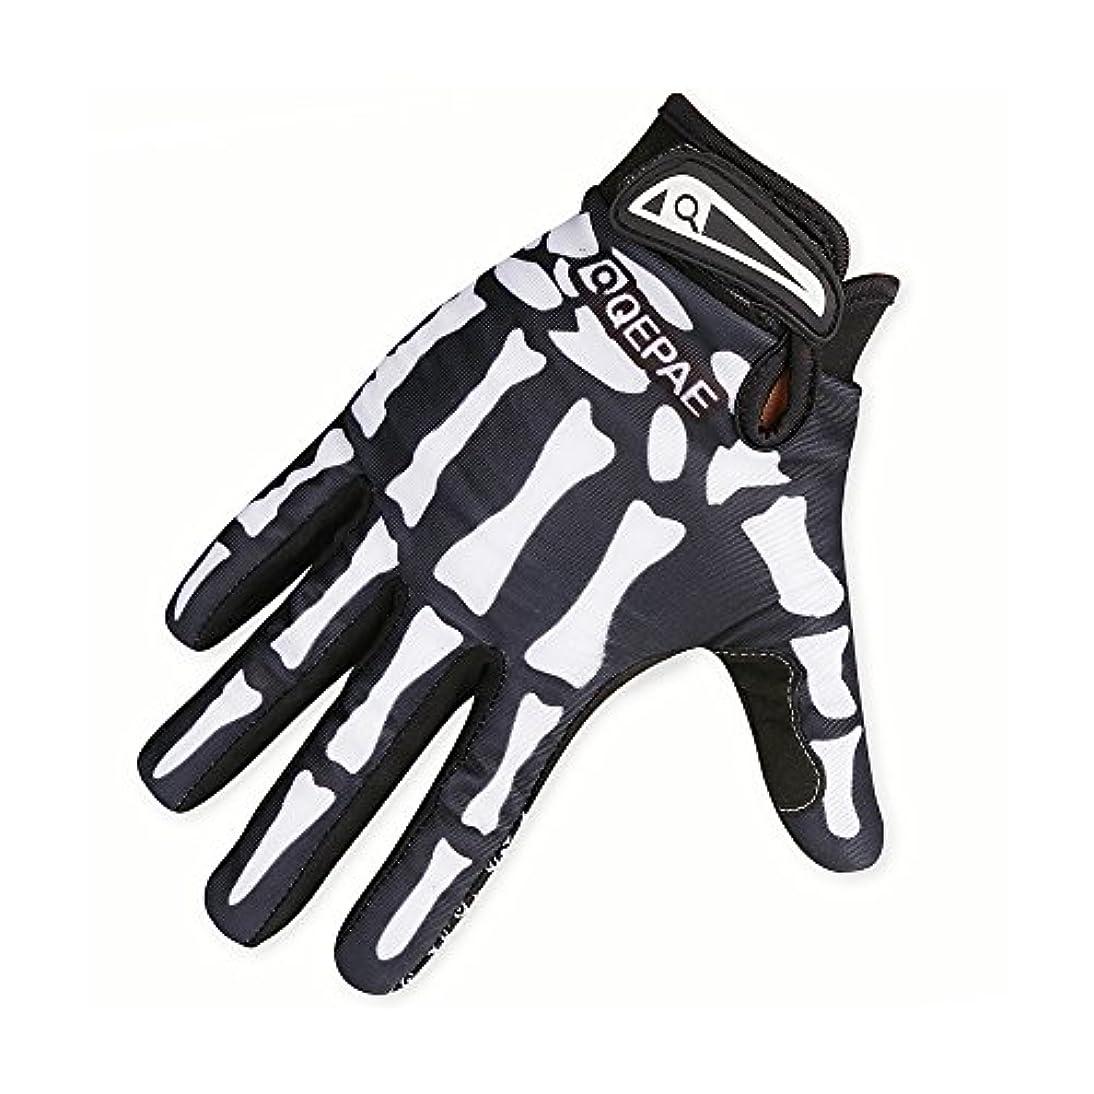 簡潔なプレゼンター宗教YUANSHOP1 スカル フルフィンガー 手袋 アウトドア スポーツ サイクルグローブ サイクリンググローブ 防風 防寒 通気 耐摩耗 滑り止め